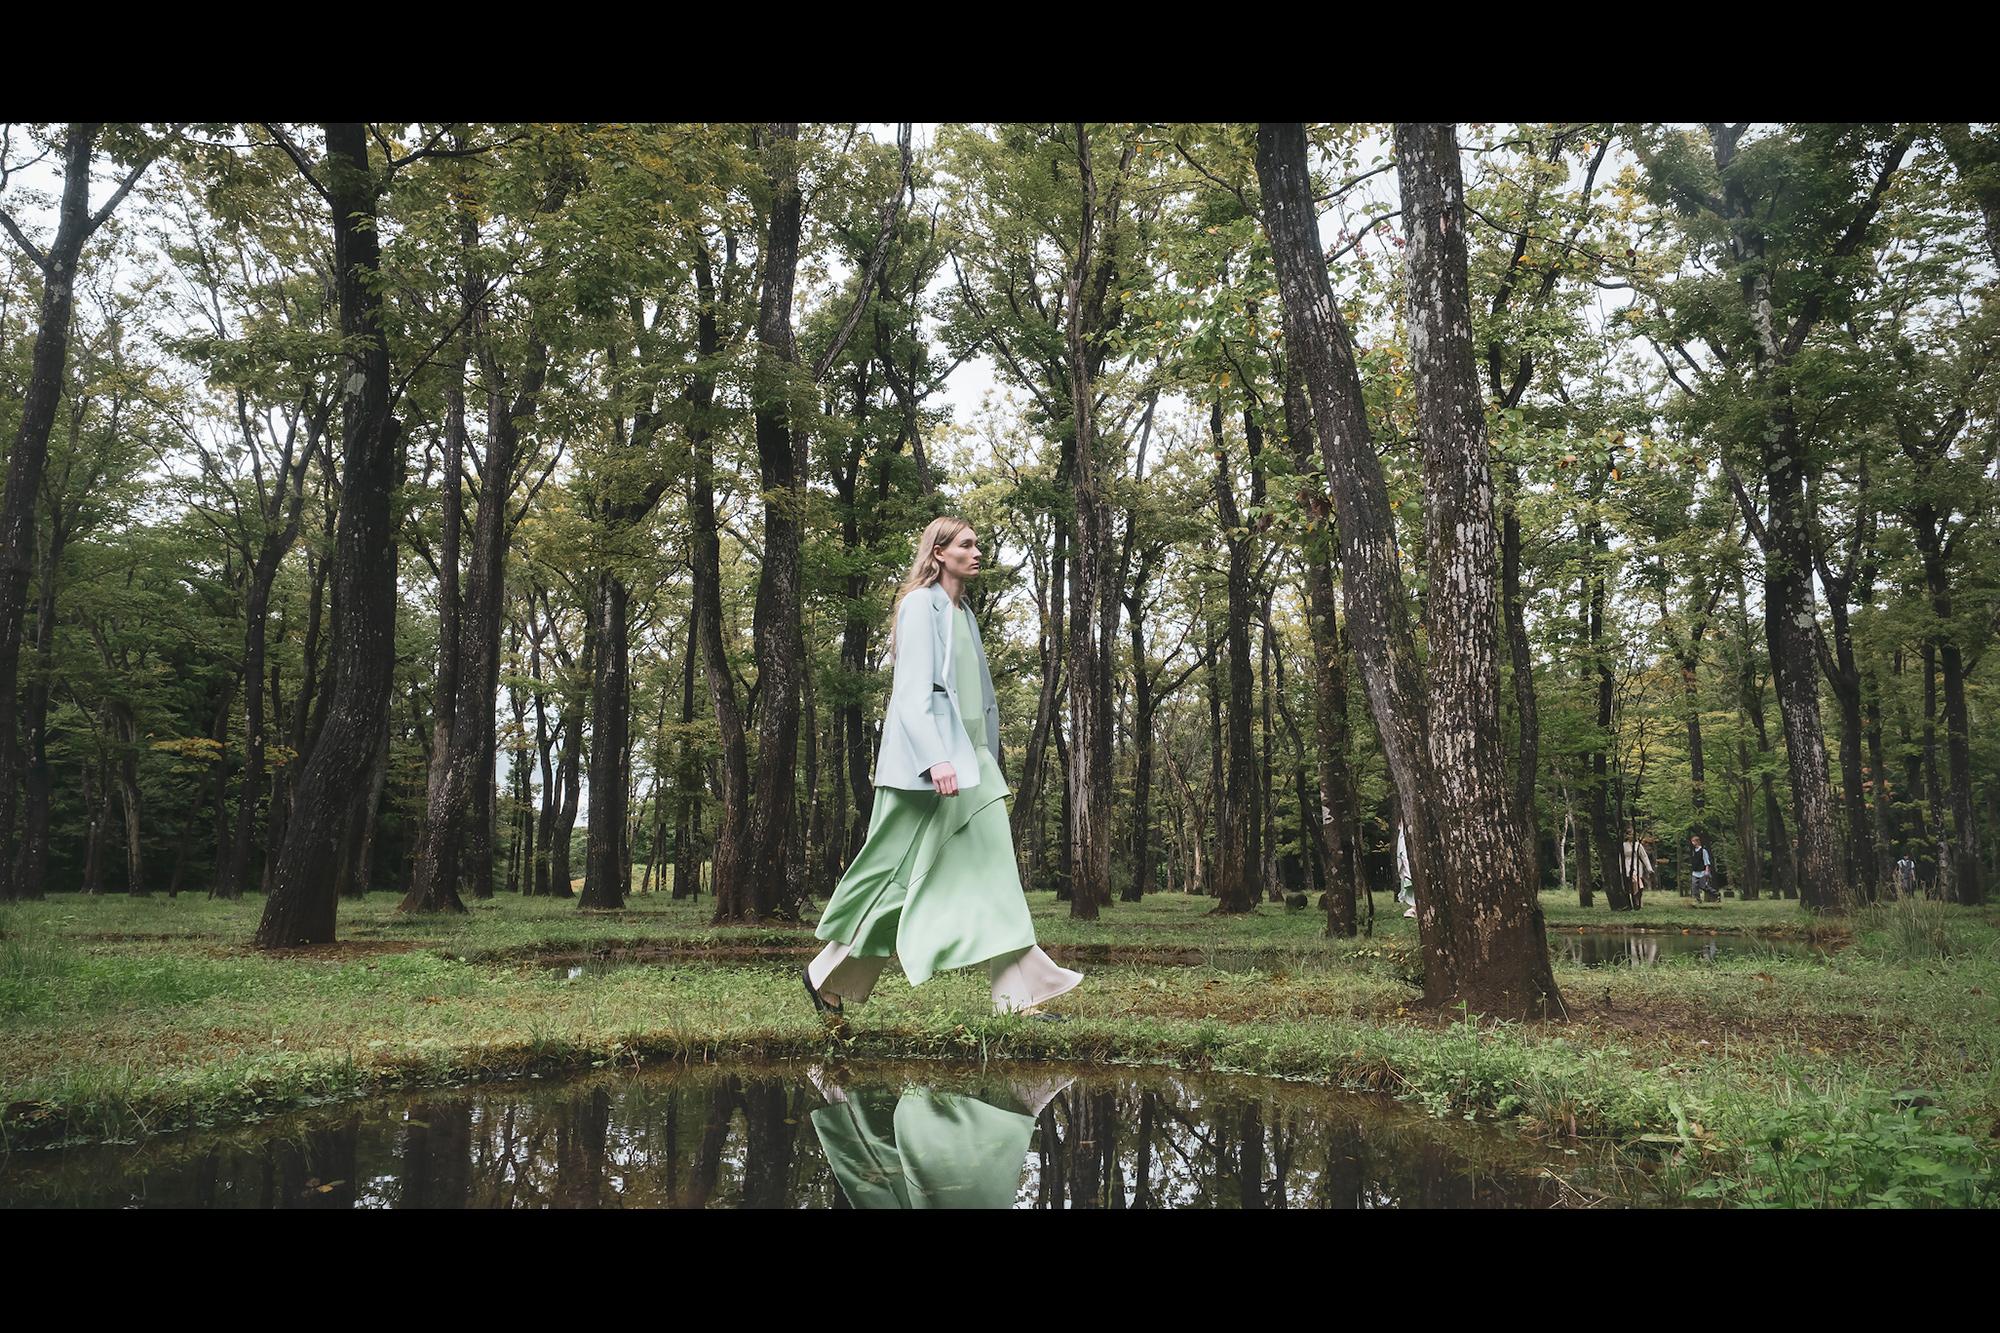 VIDEO:映像 / 演出 / ショー / ライブ / ヴァーチャル